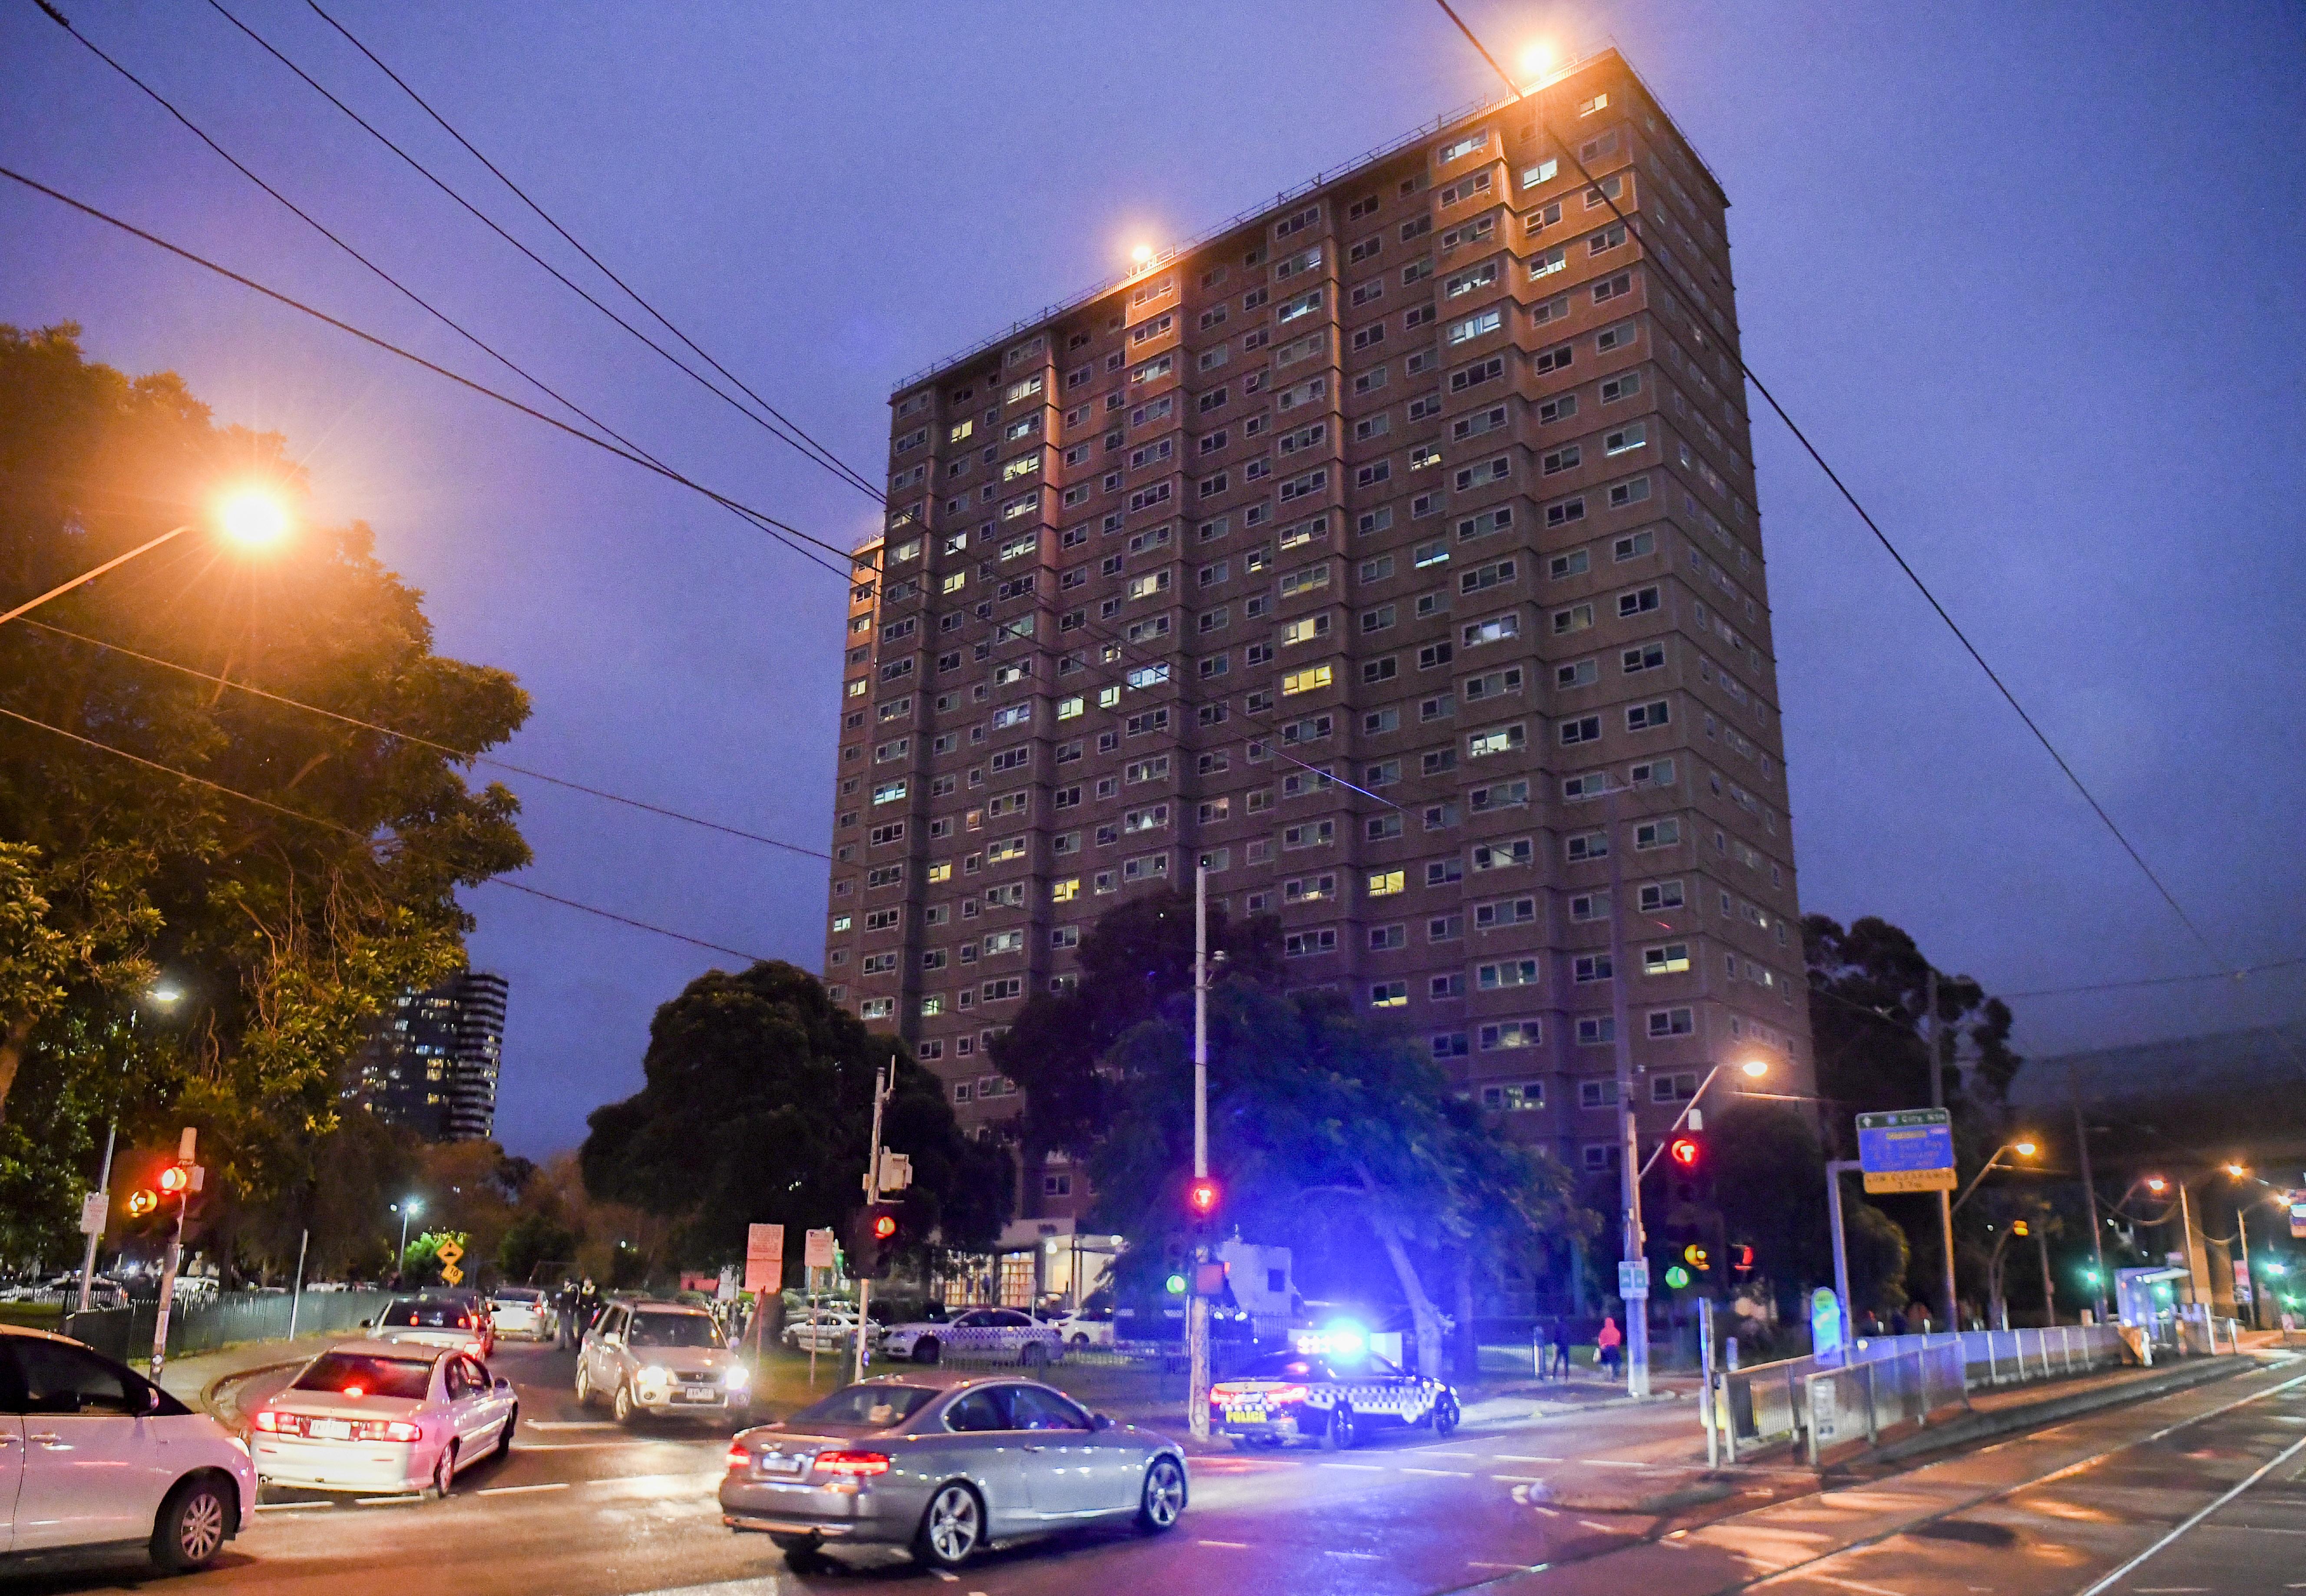 Az ombudsman szerint emberi jogokat sértett a melbourne-i toronyházak lezárása